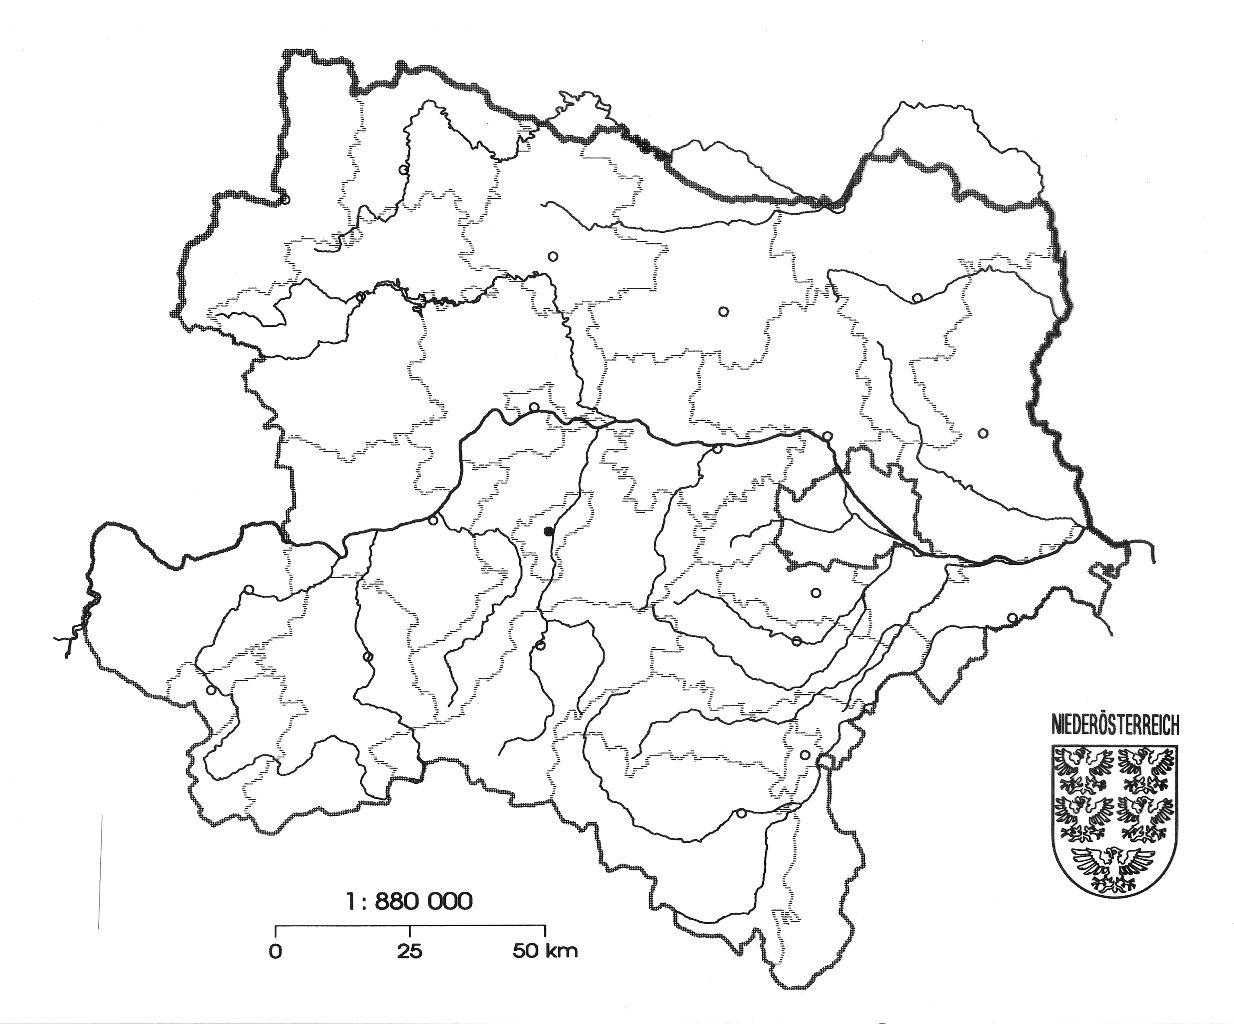 Stumme Karte Niederösterreich Schule At